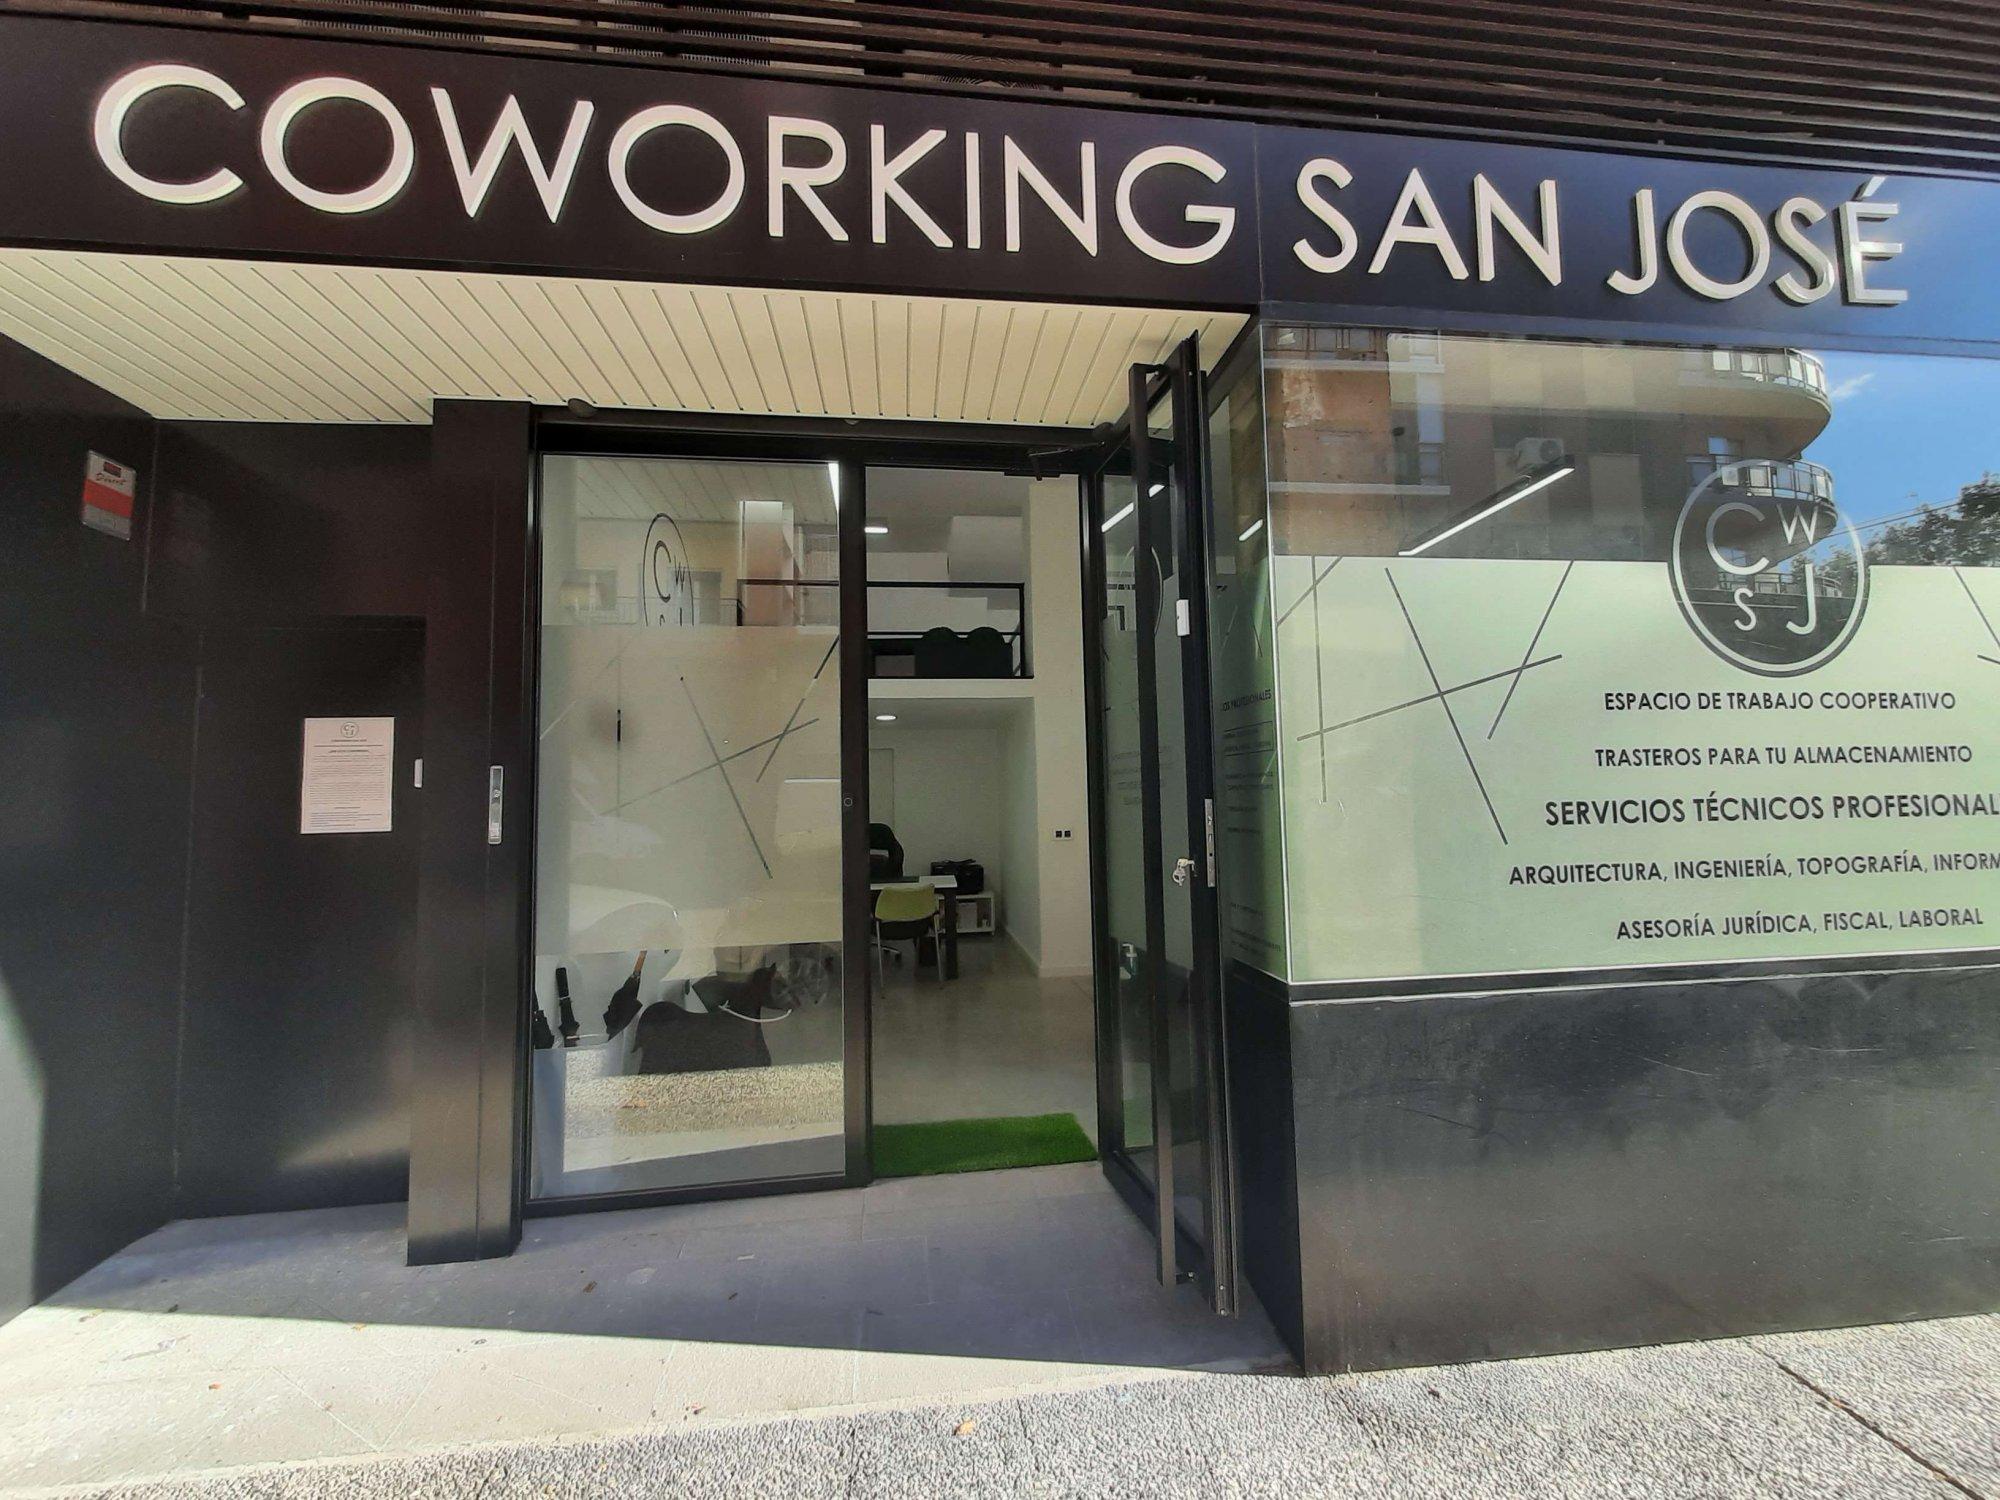 Coworking San José en Zaragoza